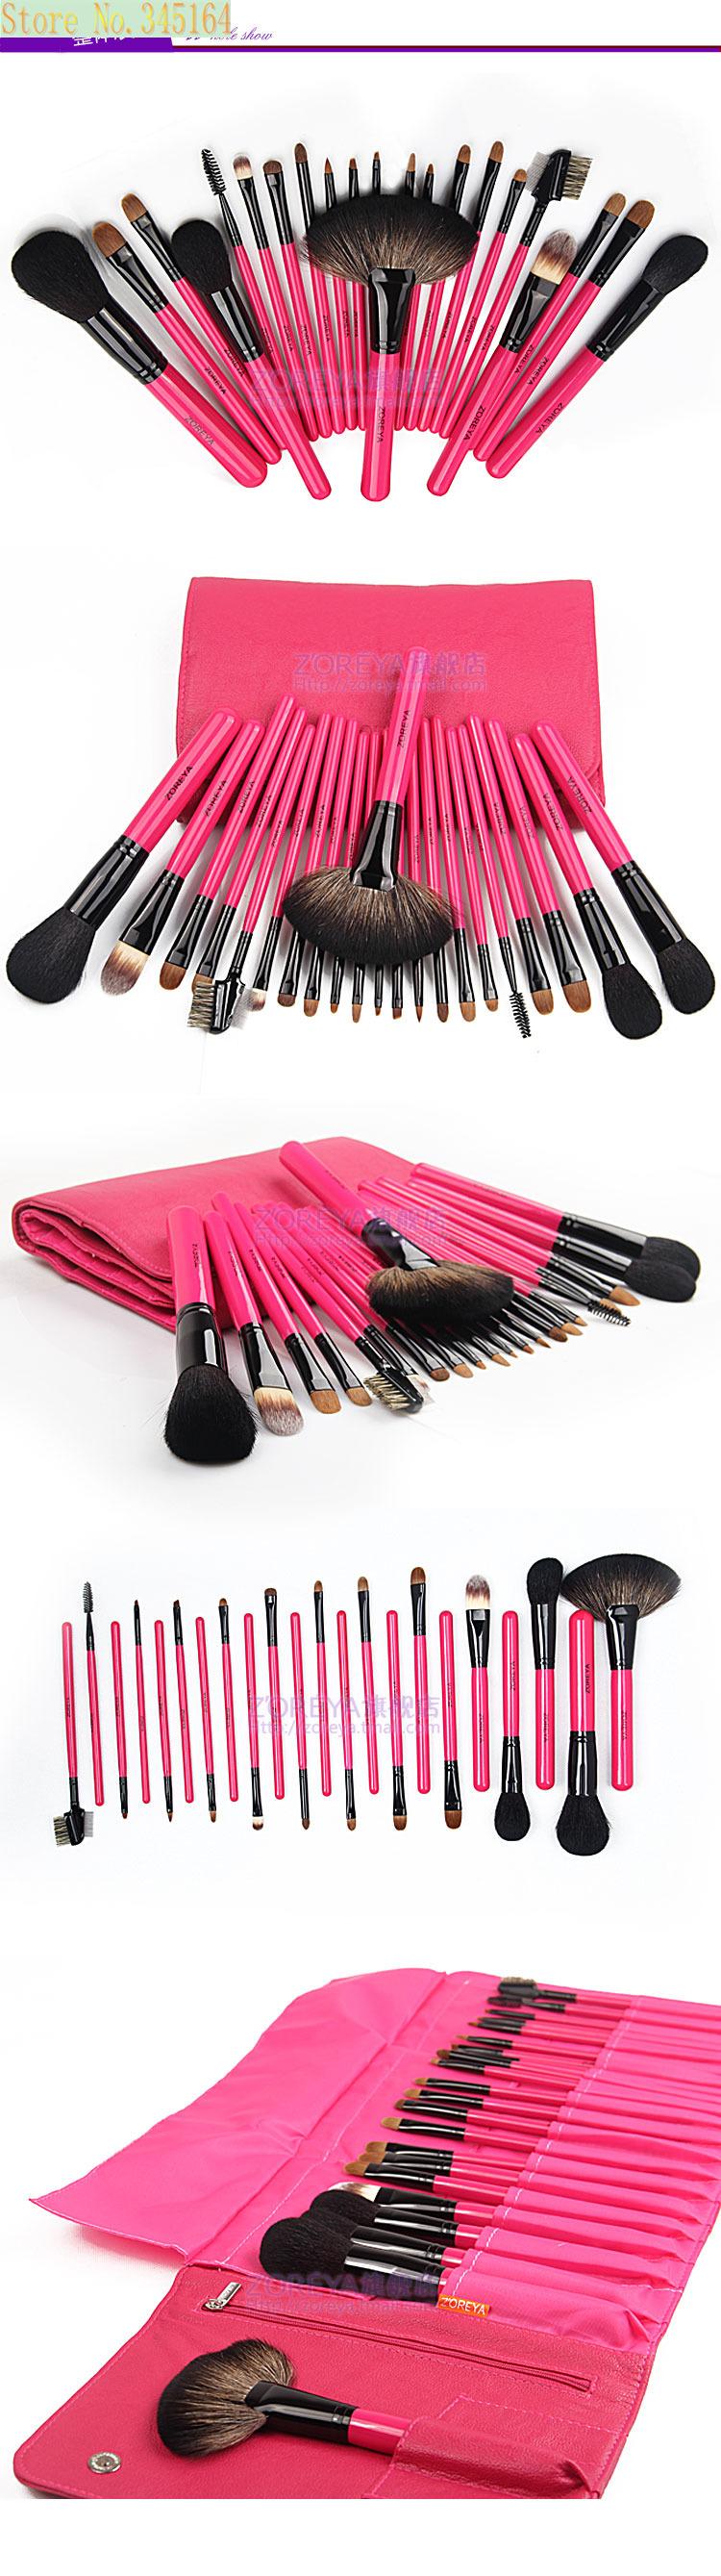 Профессиональные инструменты и косметика для макияжа